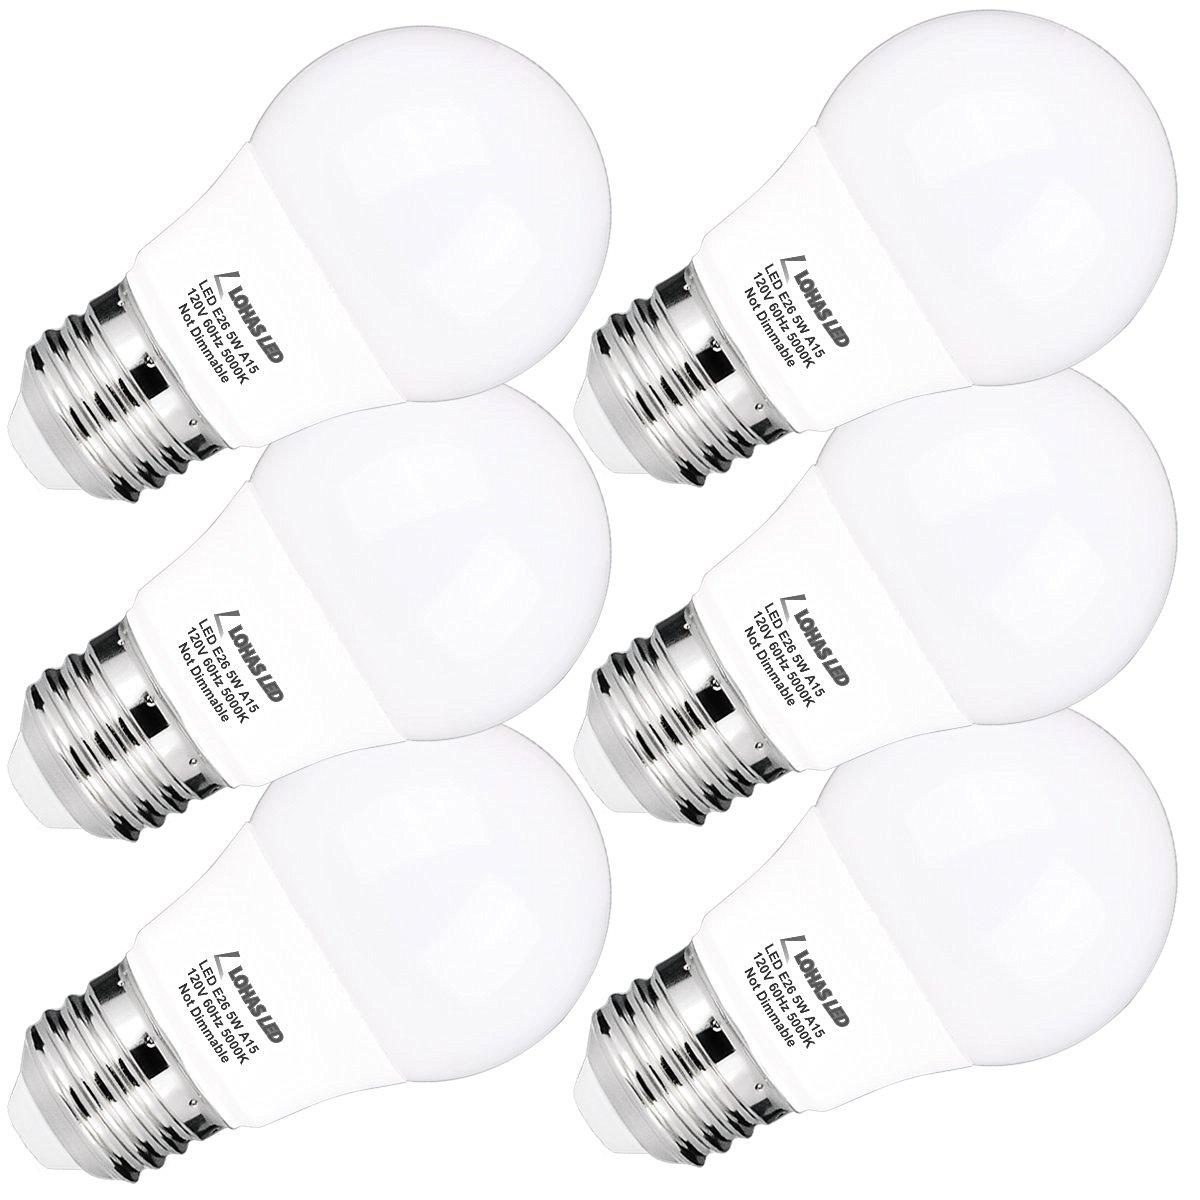 Buy Pack Of 5 5w E26 Led Bulbs 12 Volt Warm White